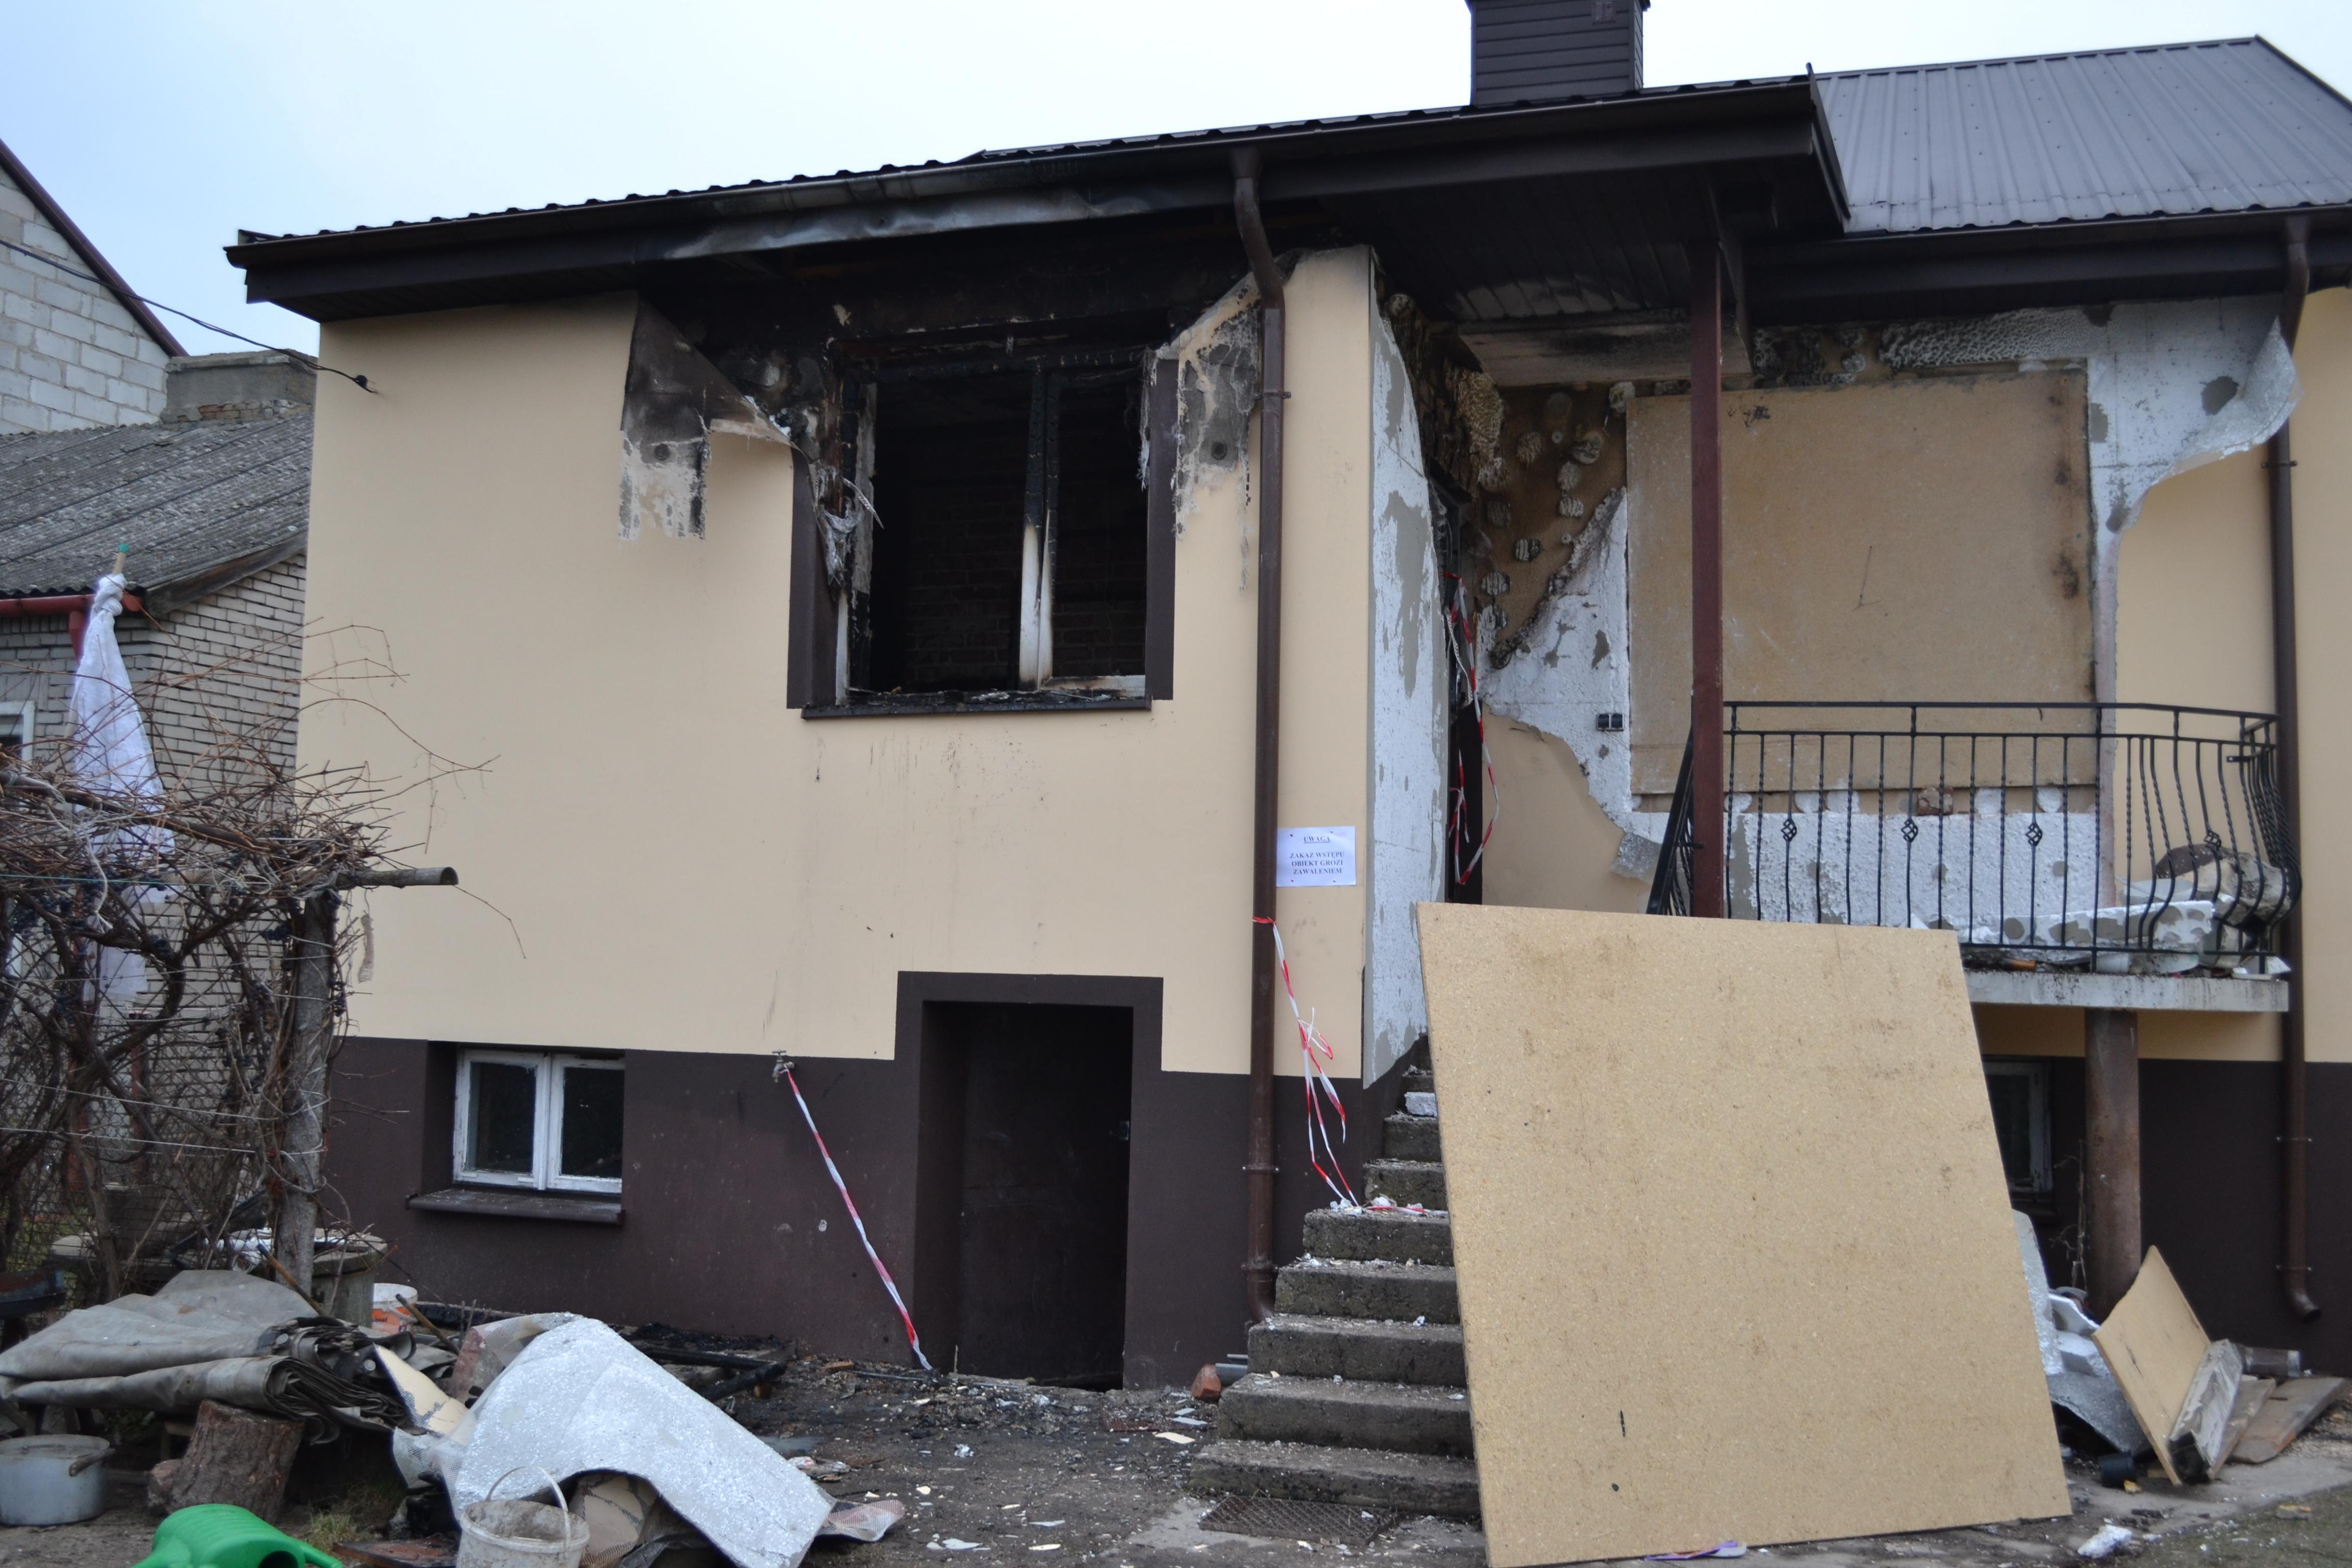 zdjęcie domu po wybuchu gazu